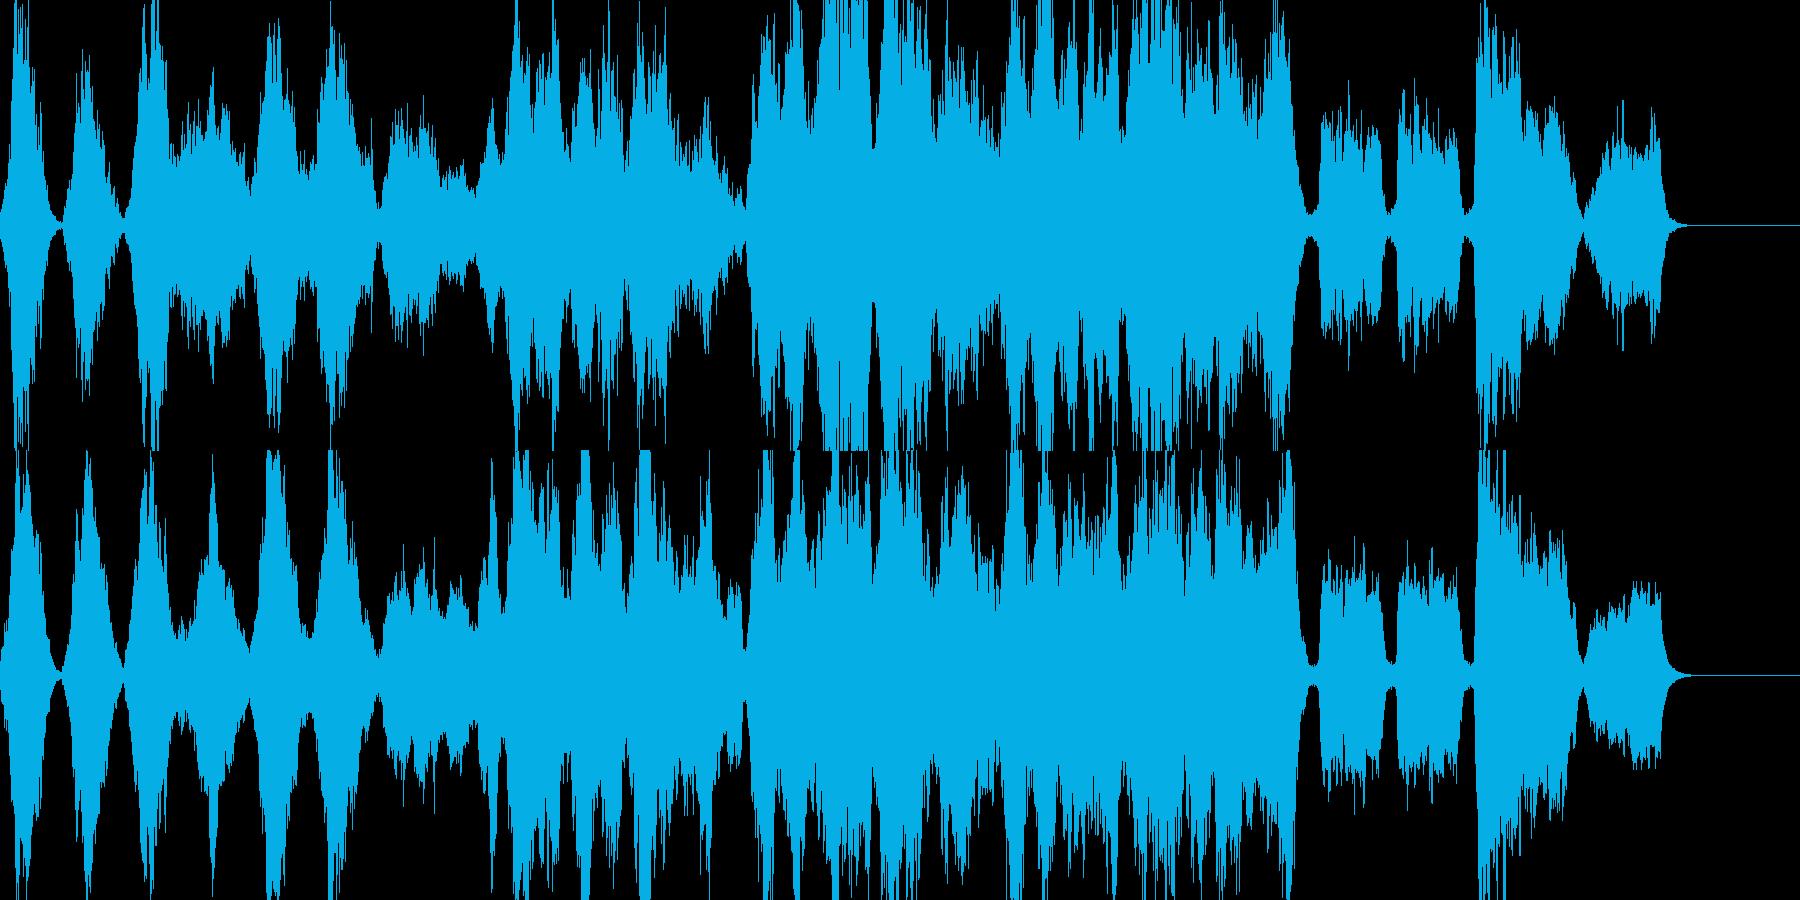 バラード・ストリングス・感動的の再生済みの波形